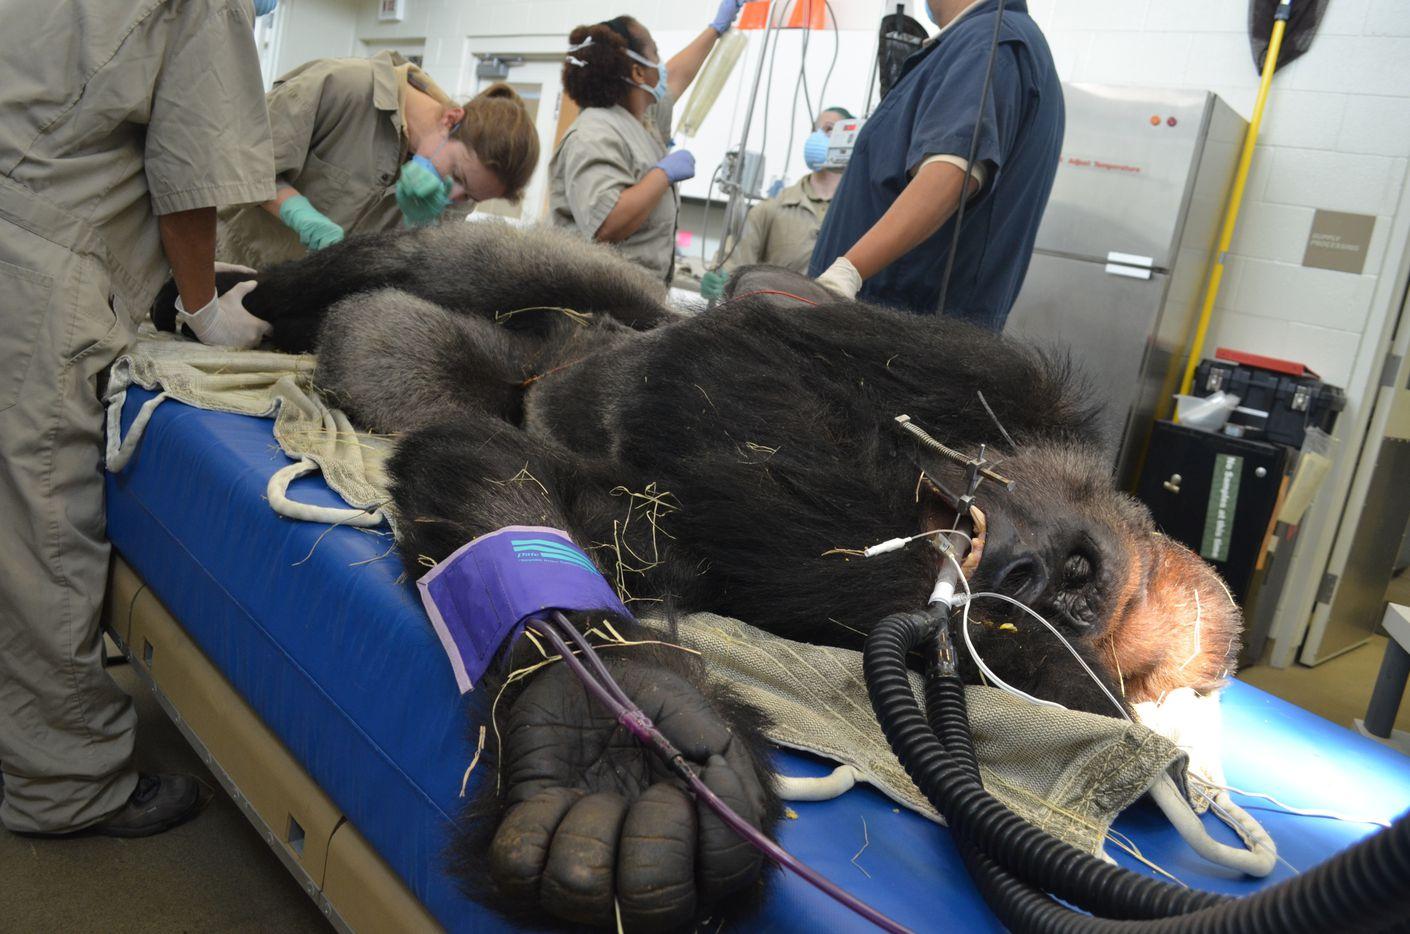 Associate veterinarian Dr. Maren Connolly places an IV catheter in Subira's leg vein while veterinary technician Cassandra Reid hangs a bag of IV fluids.